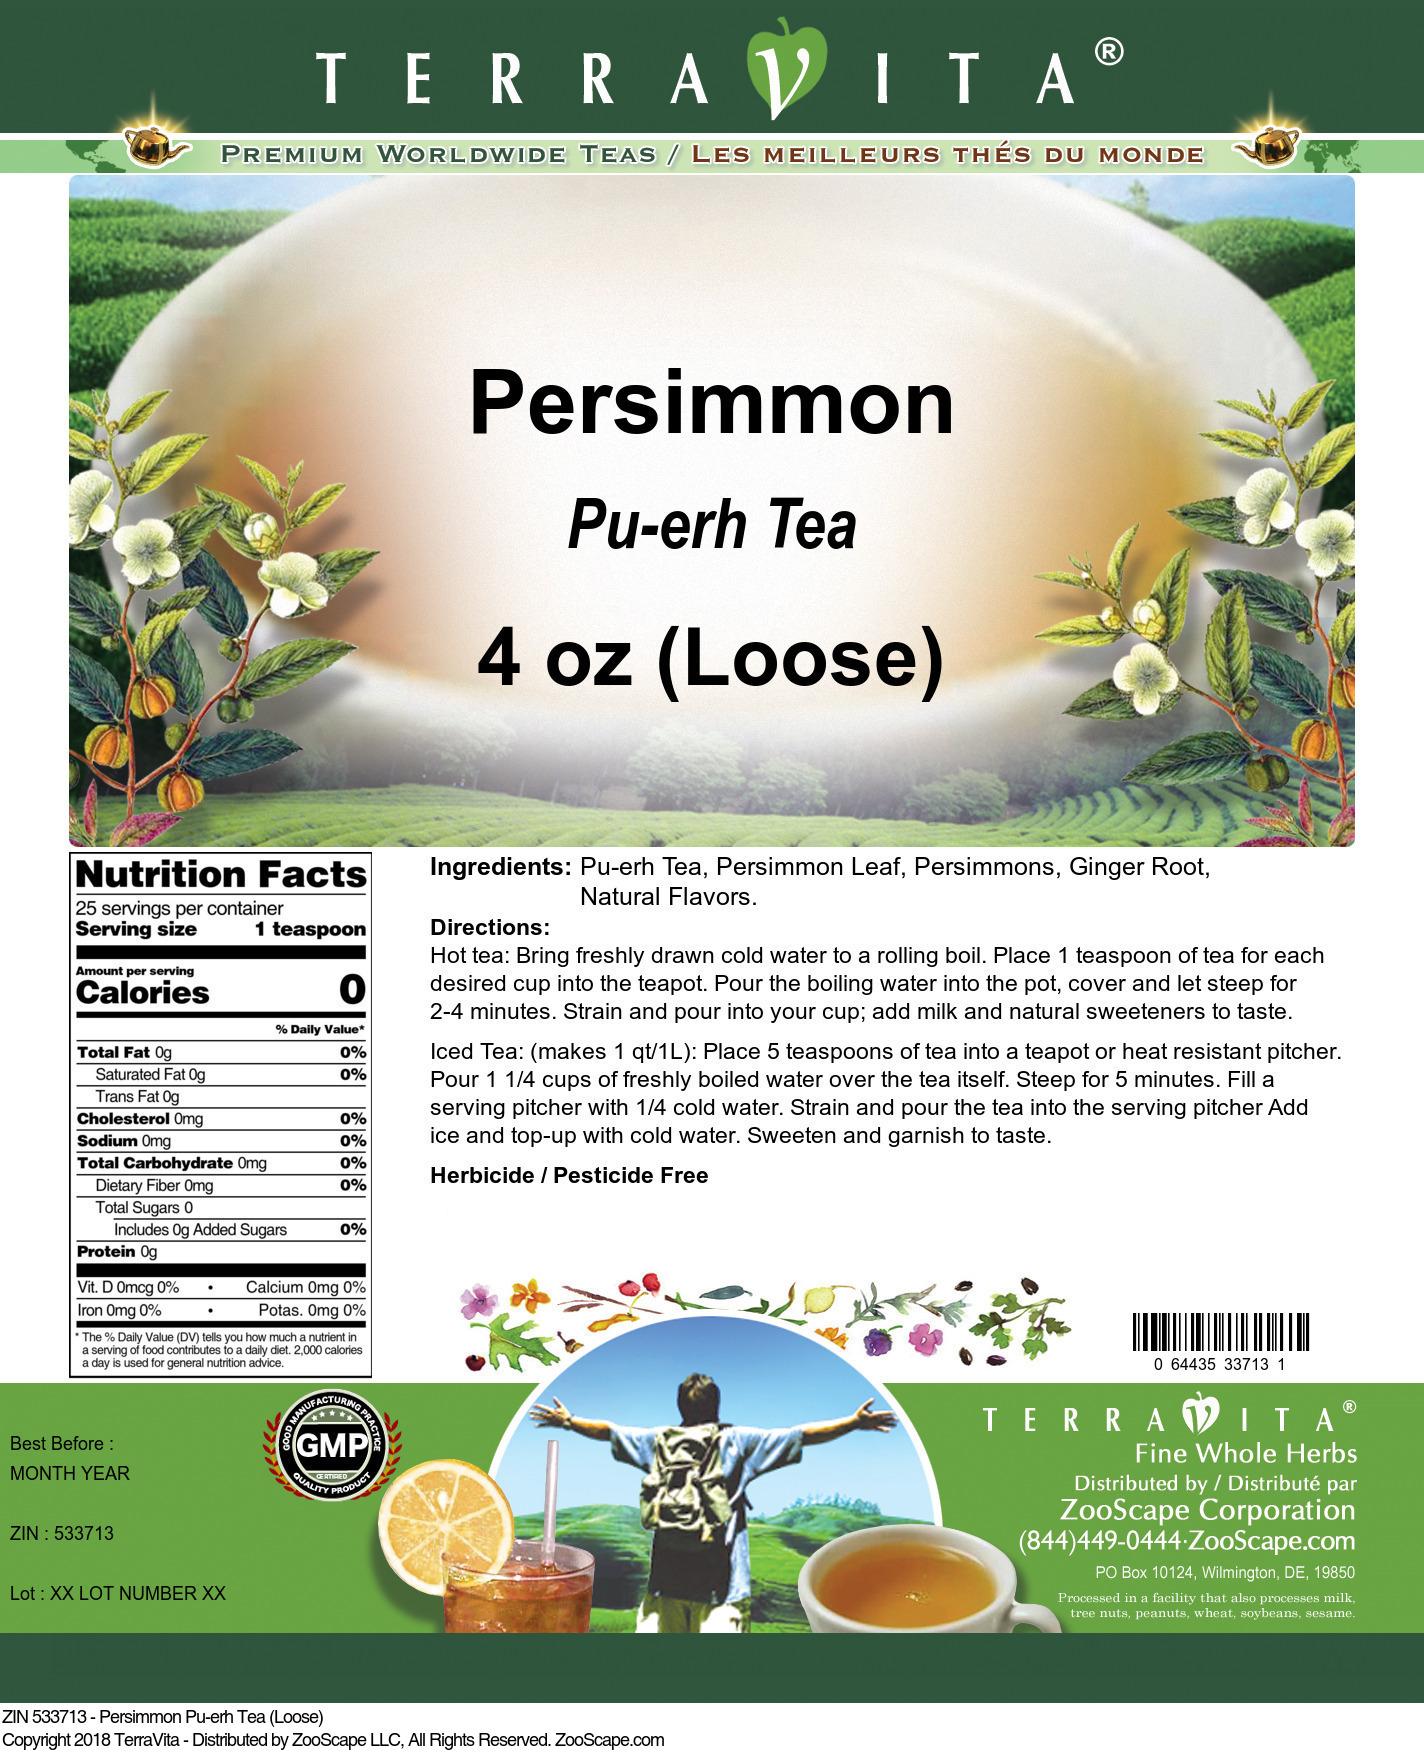 Persimmon Pu-erh Tea (Loose)